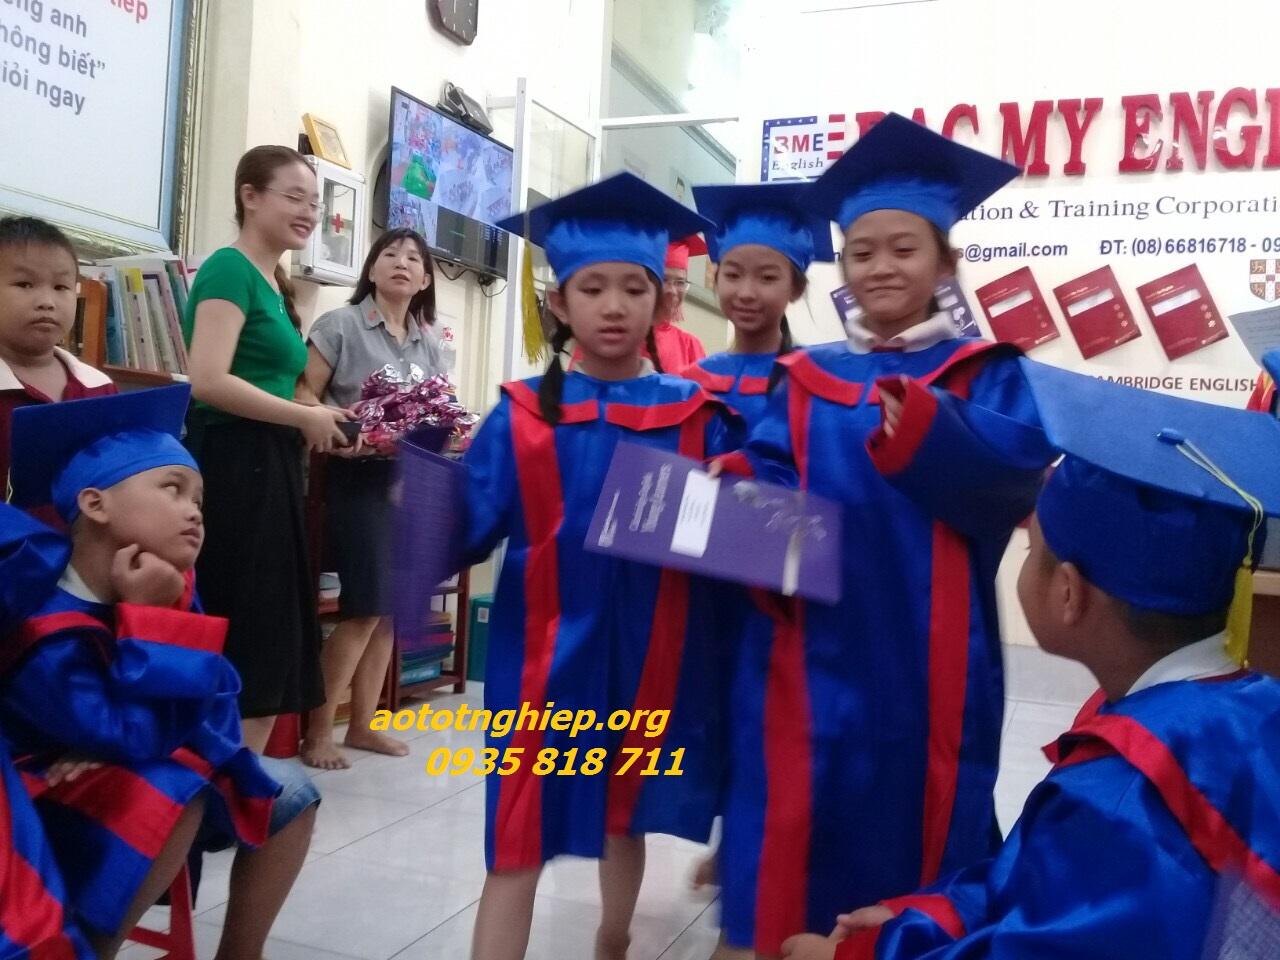 Áo tốt nghiệp tiểu học  , ao tot nghiep tieu hoc,Lễ phục tốt Nghiệp tiểu học 2019 ,le phục tot nghiep tieu hoc 2019